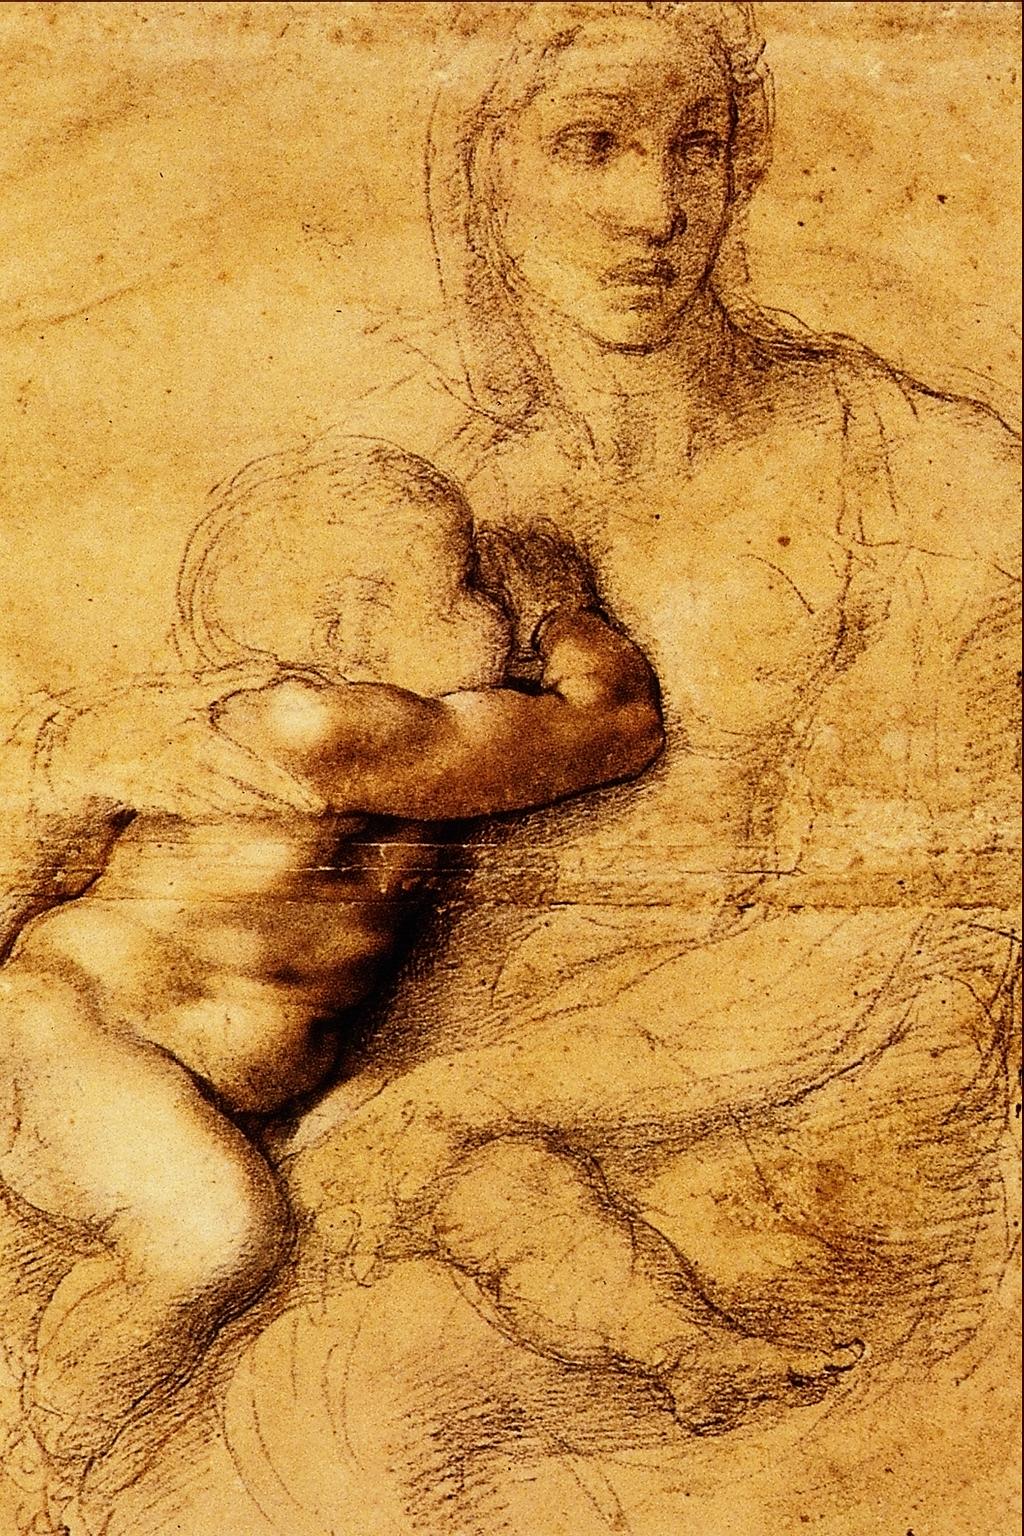 madonna 50 år File:La Madonna che Allatta il Figlio   Michelangelo Buonarroti  madonna 50 år